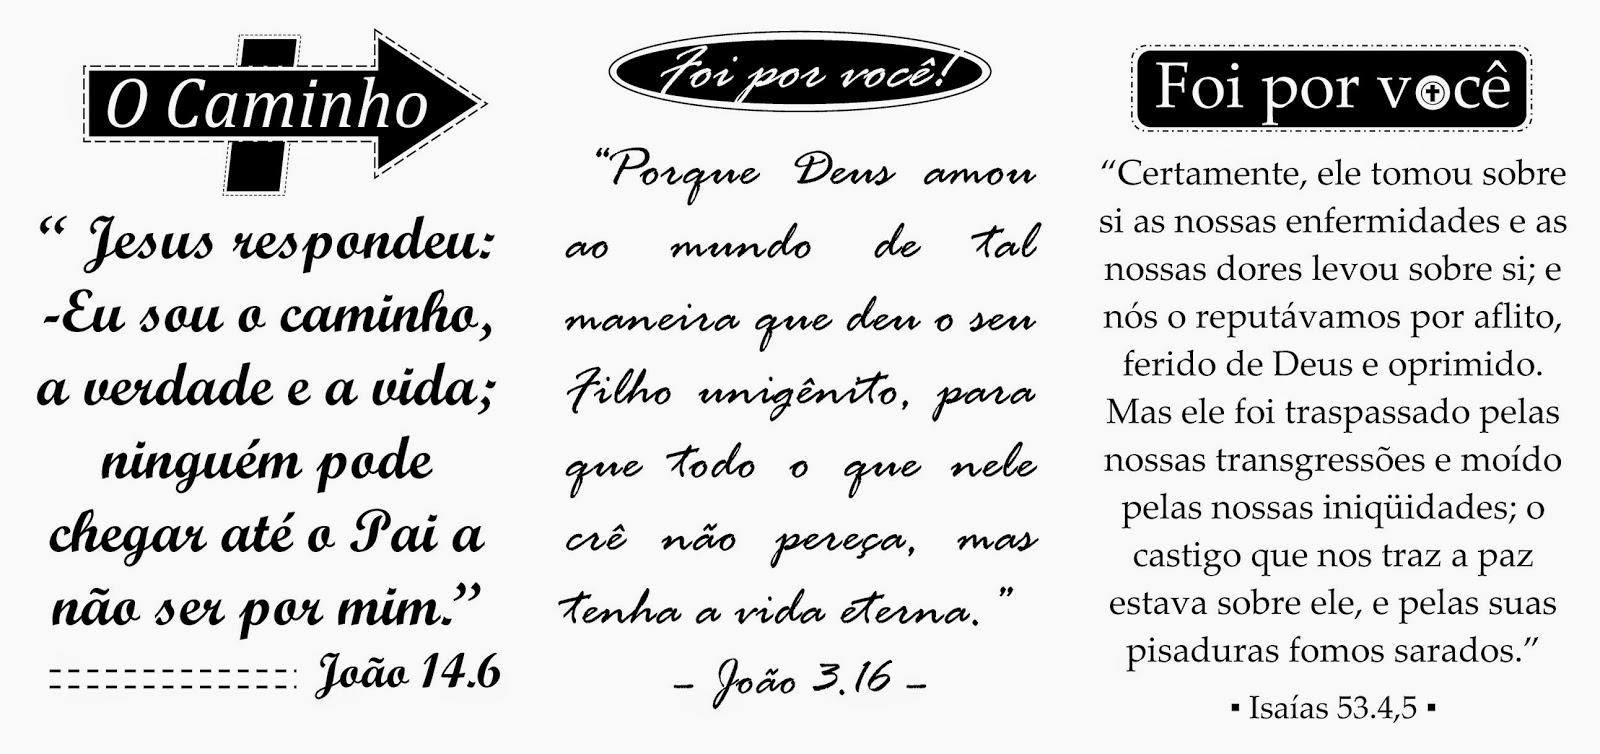 Imagens Cristãs Cartazes Para Evangelização Para Você Baixar E Imprimir